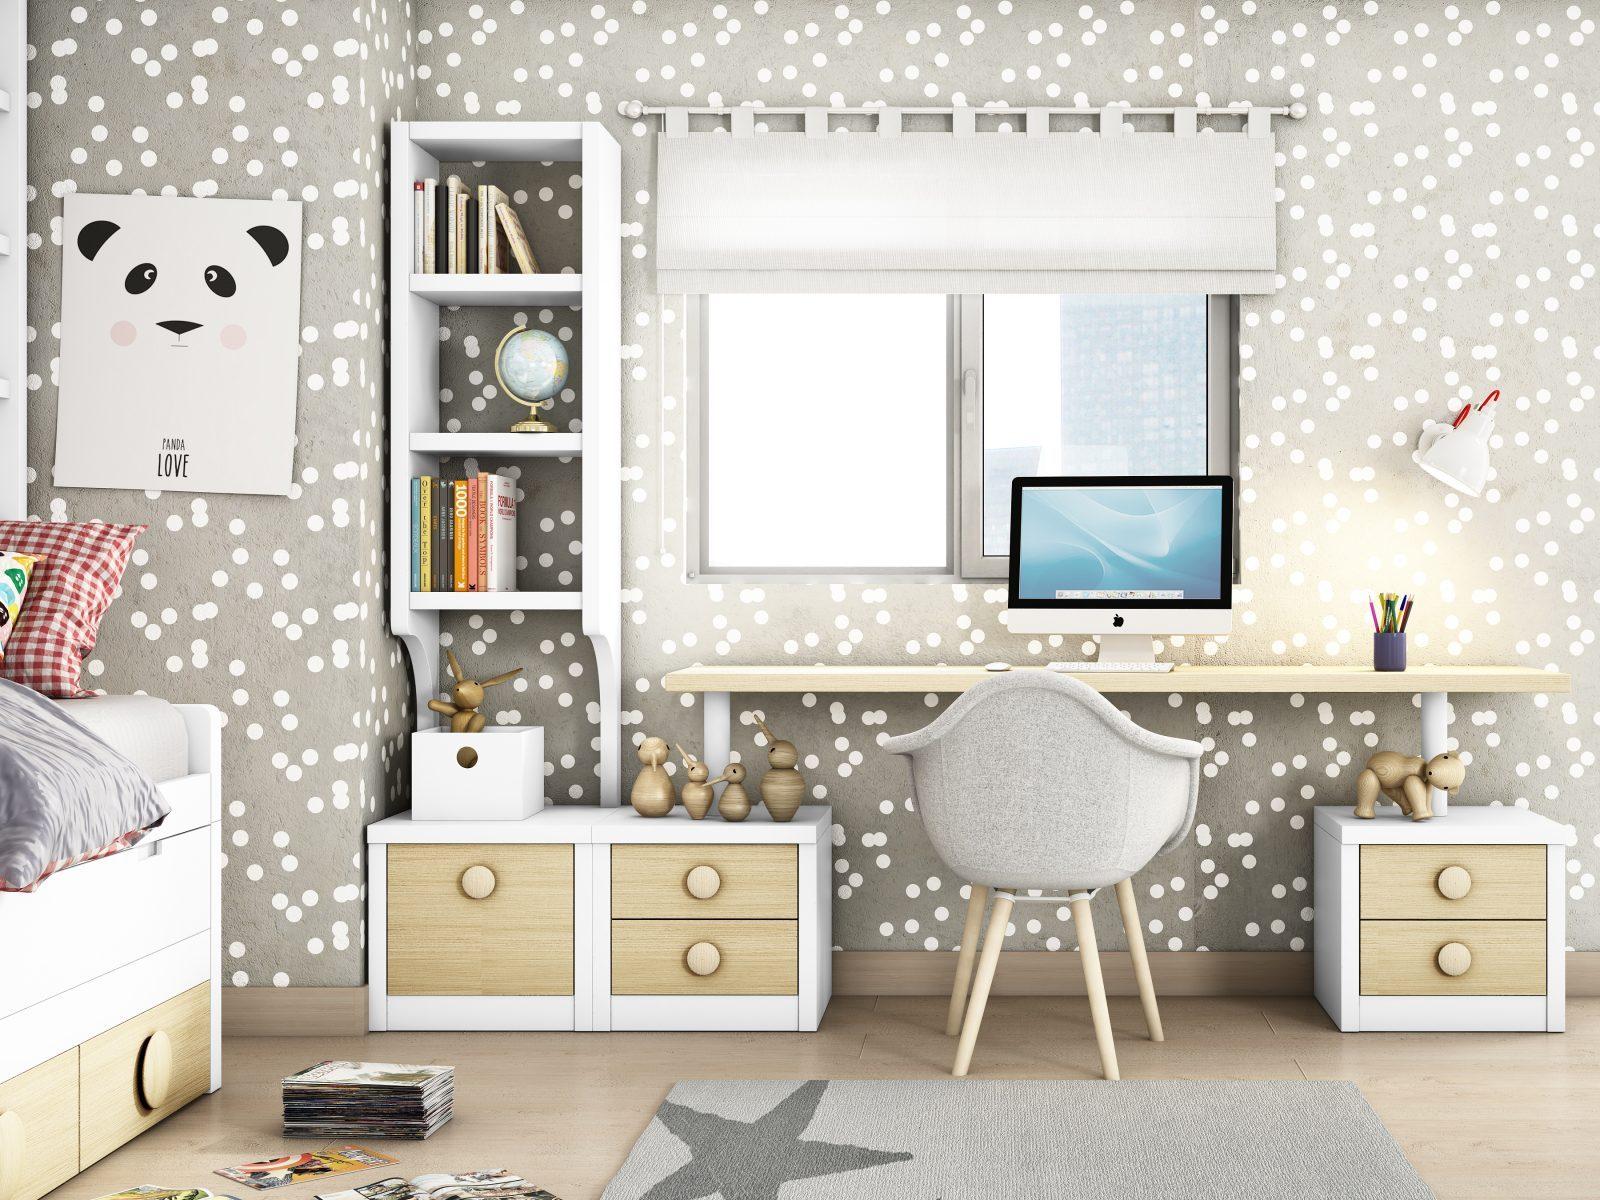 Dormitorio infantil pc kids mobiliario hd for Muebles habitacion infantil